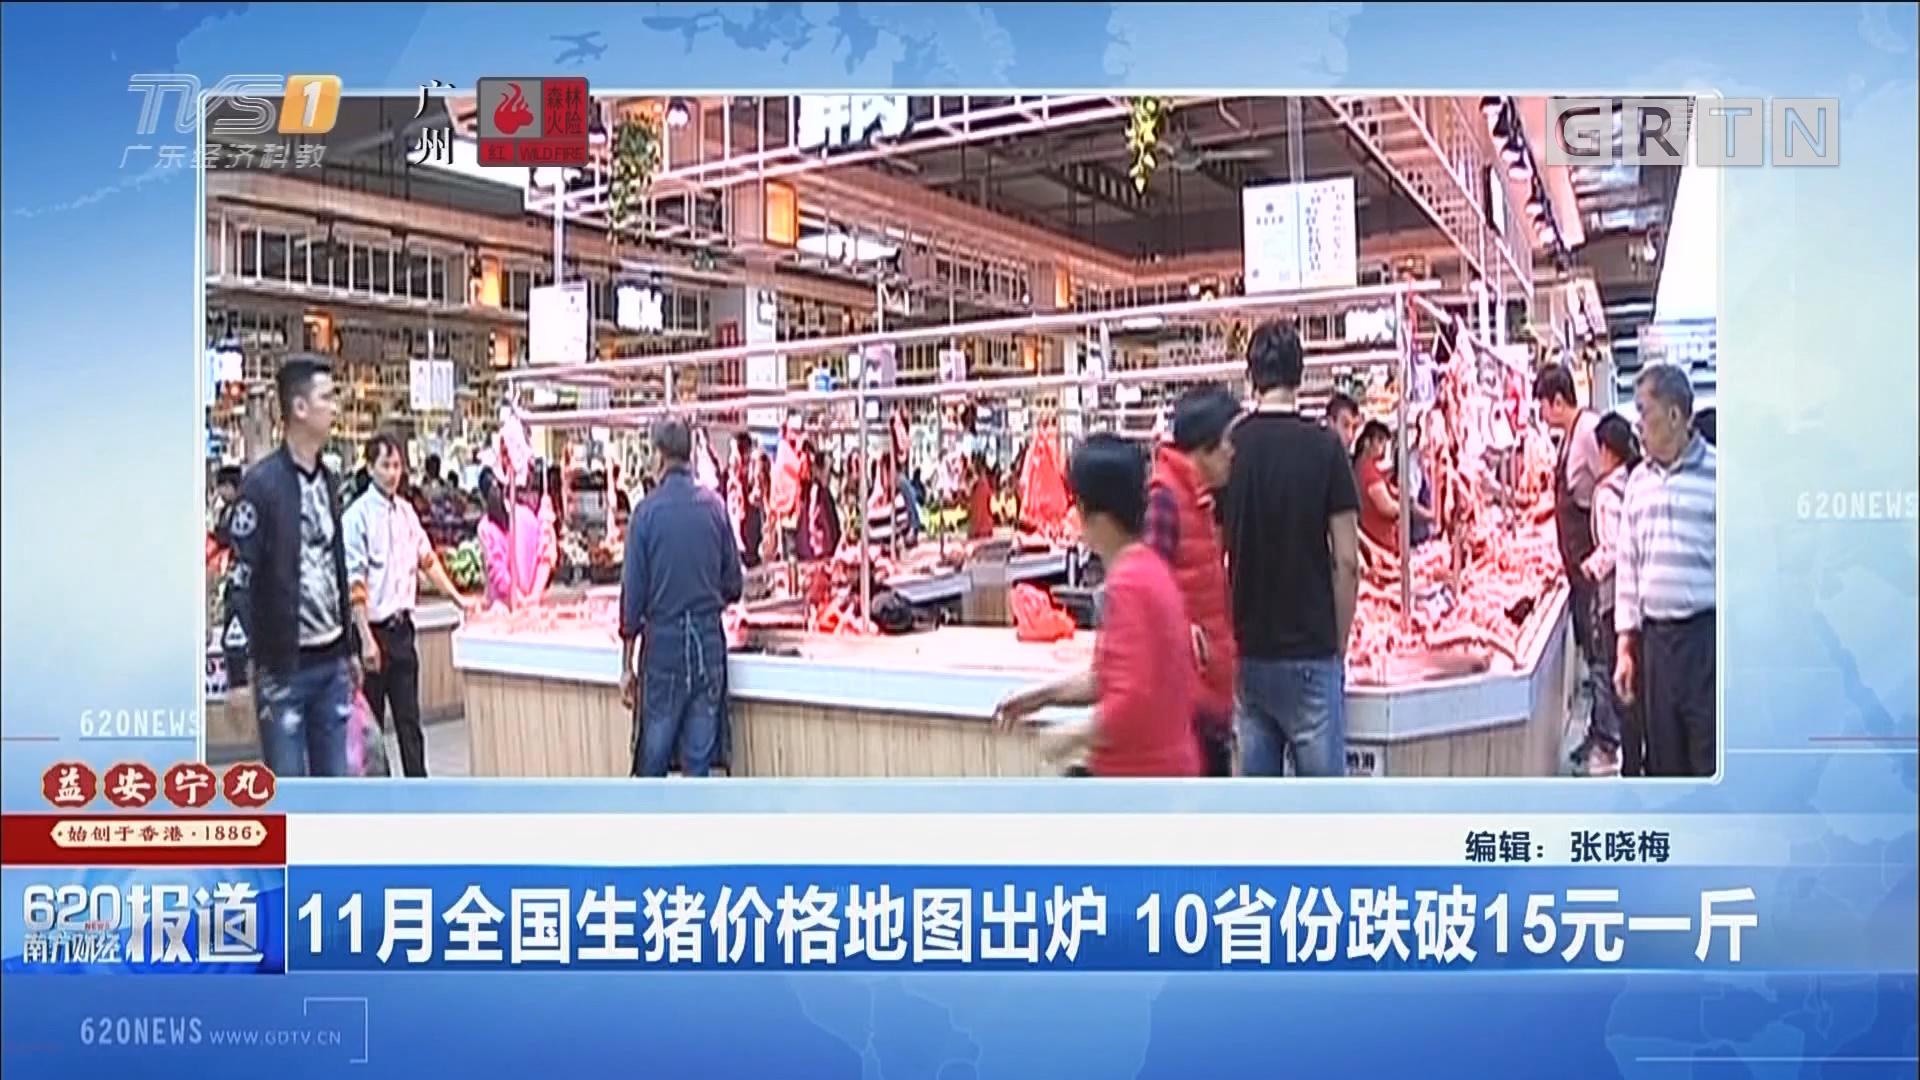 11月全国生猪价格地图出炉 10省份跌破15元一斤